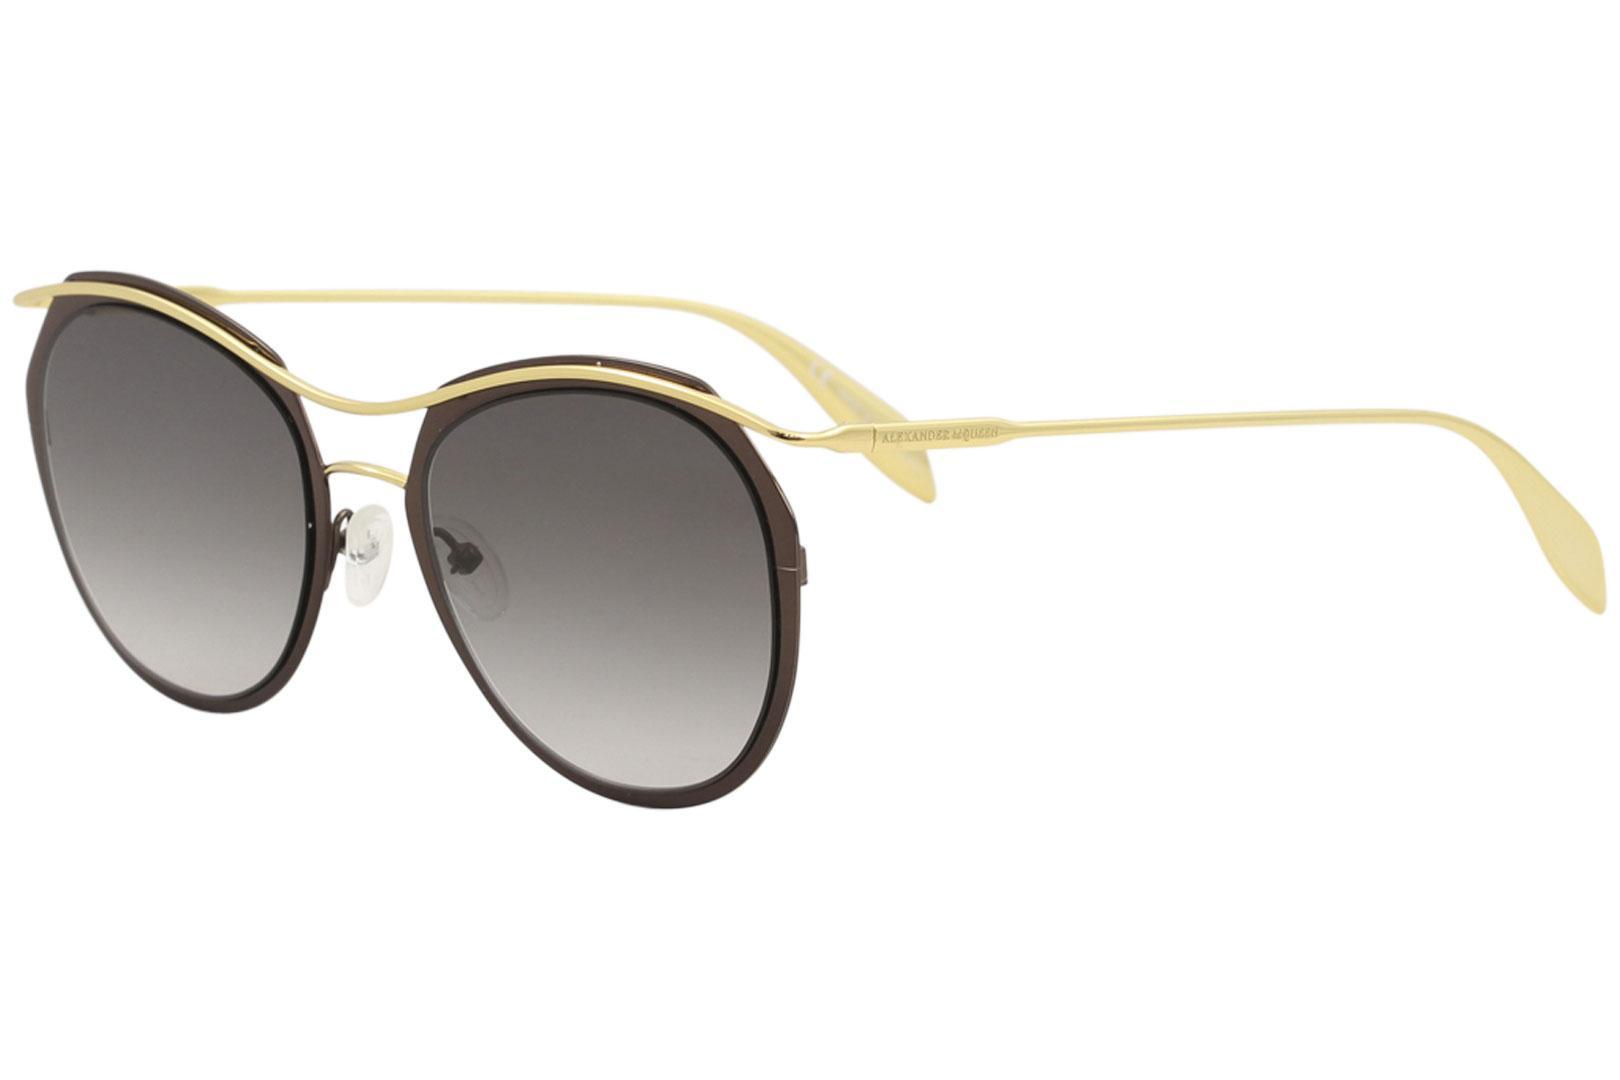 3767e24d15 Alexander McQueen Women s Edge AM0116S AM 0116 S Fashion Pilot Sunglasses